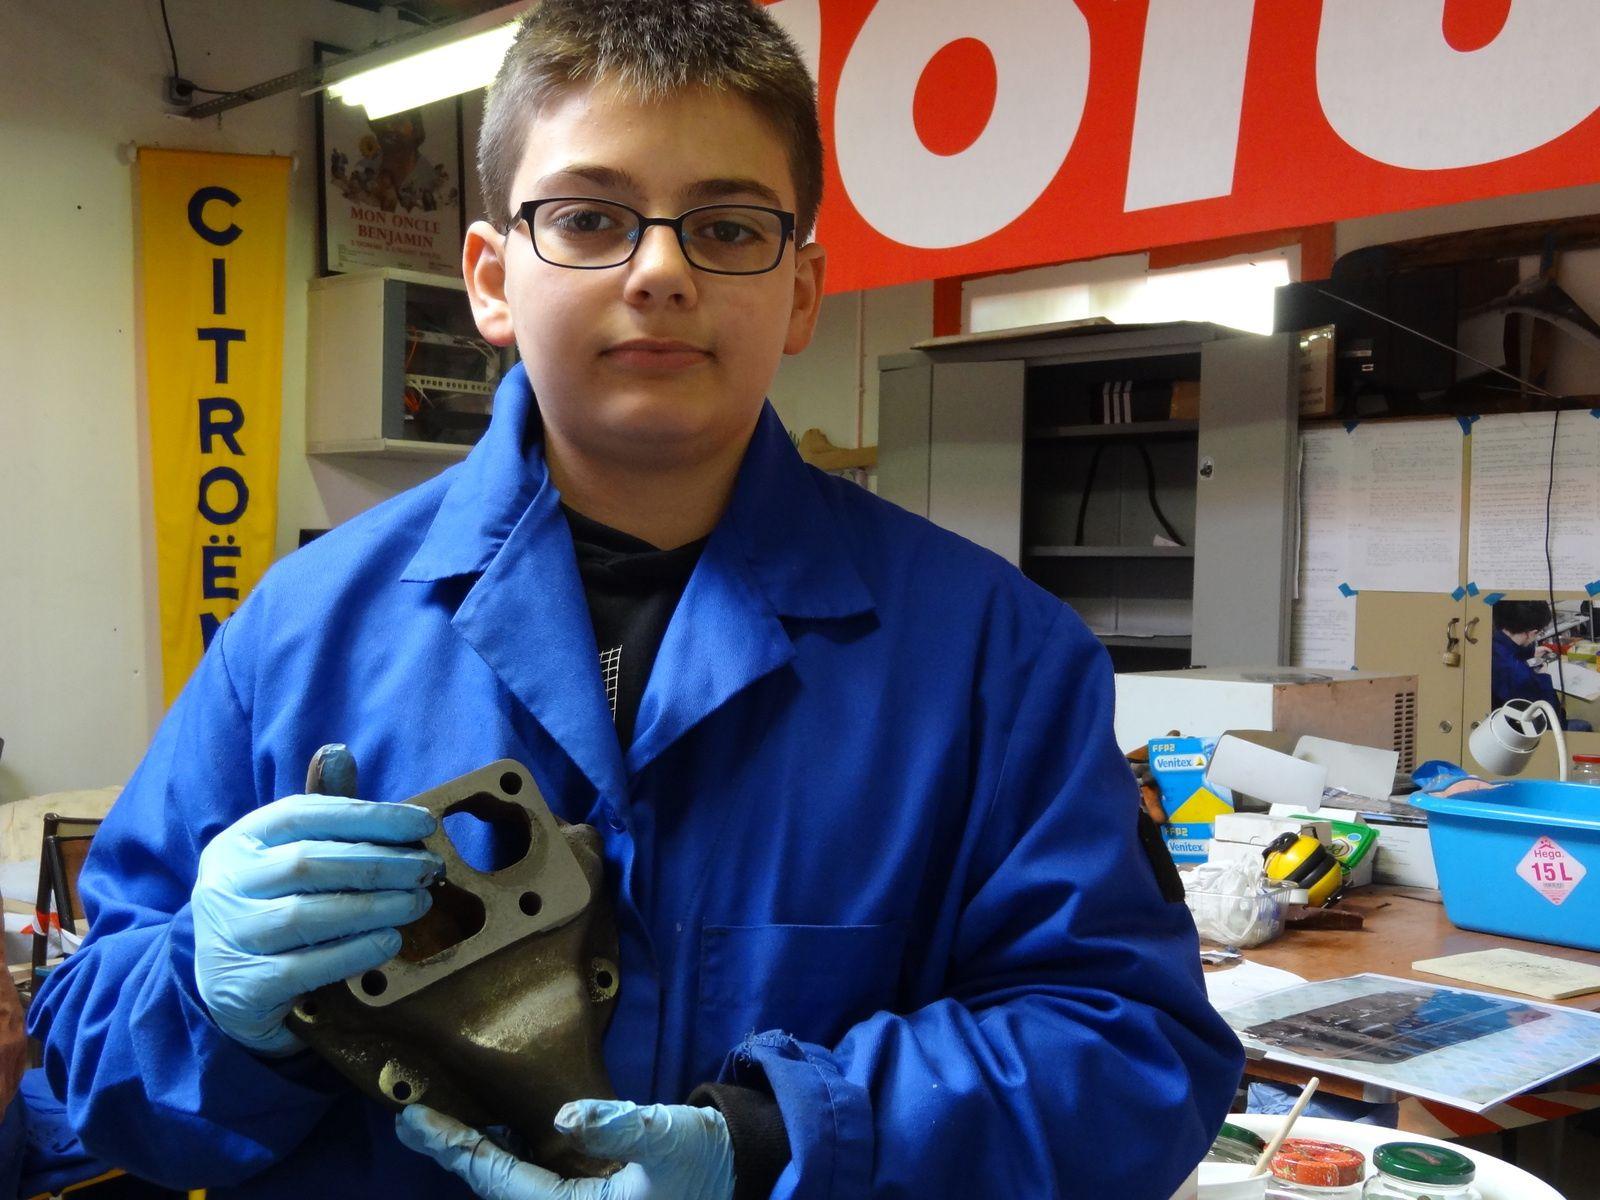 Nettoyage du bloc moteur pompe à eau par Alexis.